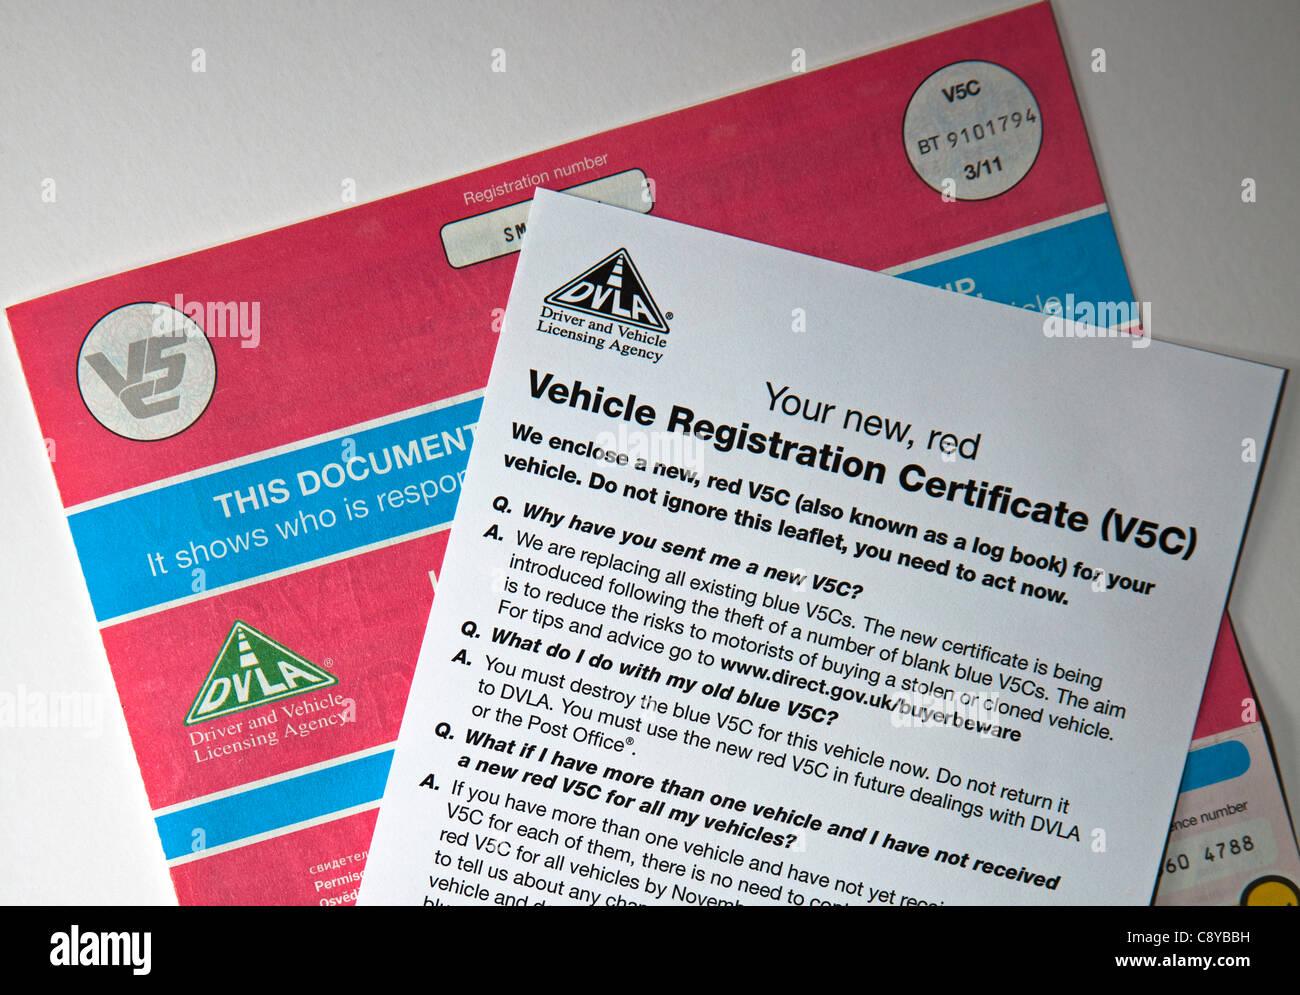 new red v5c vehicle log book uk vehicle registration certificate